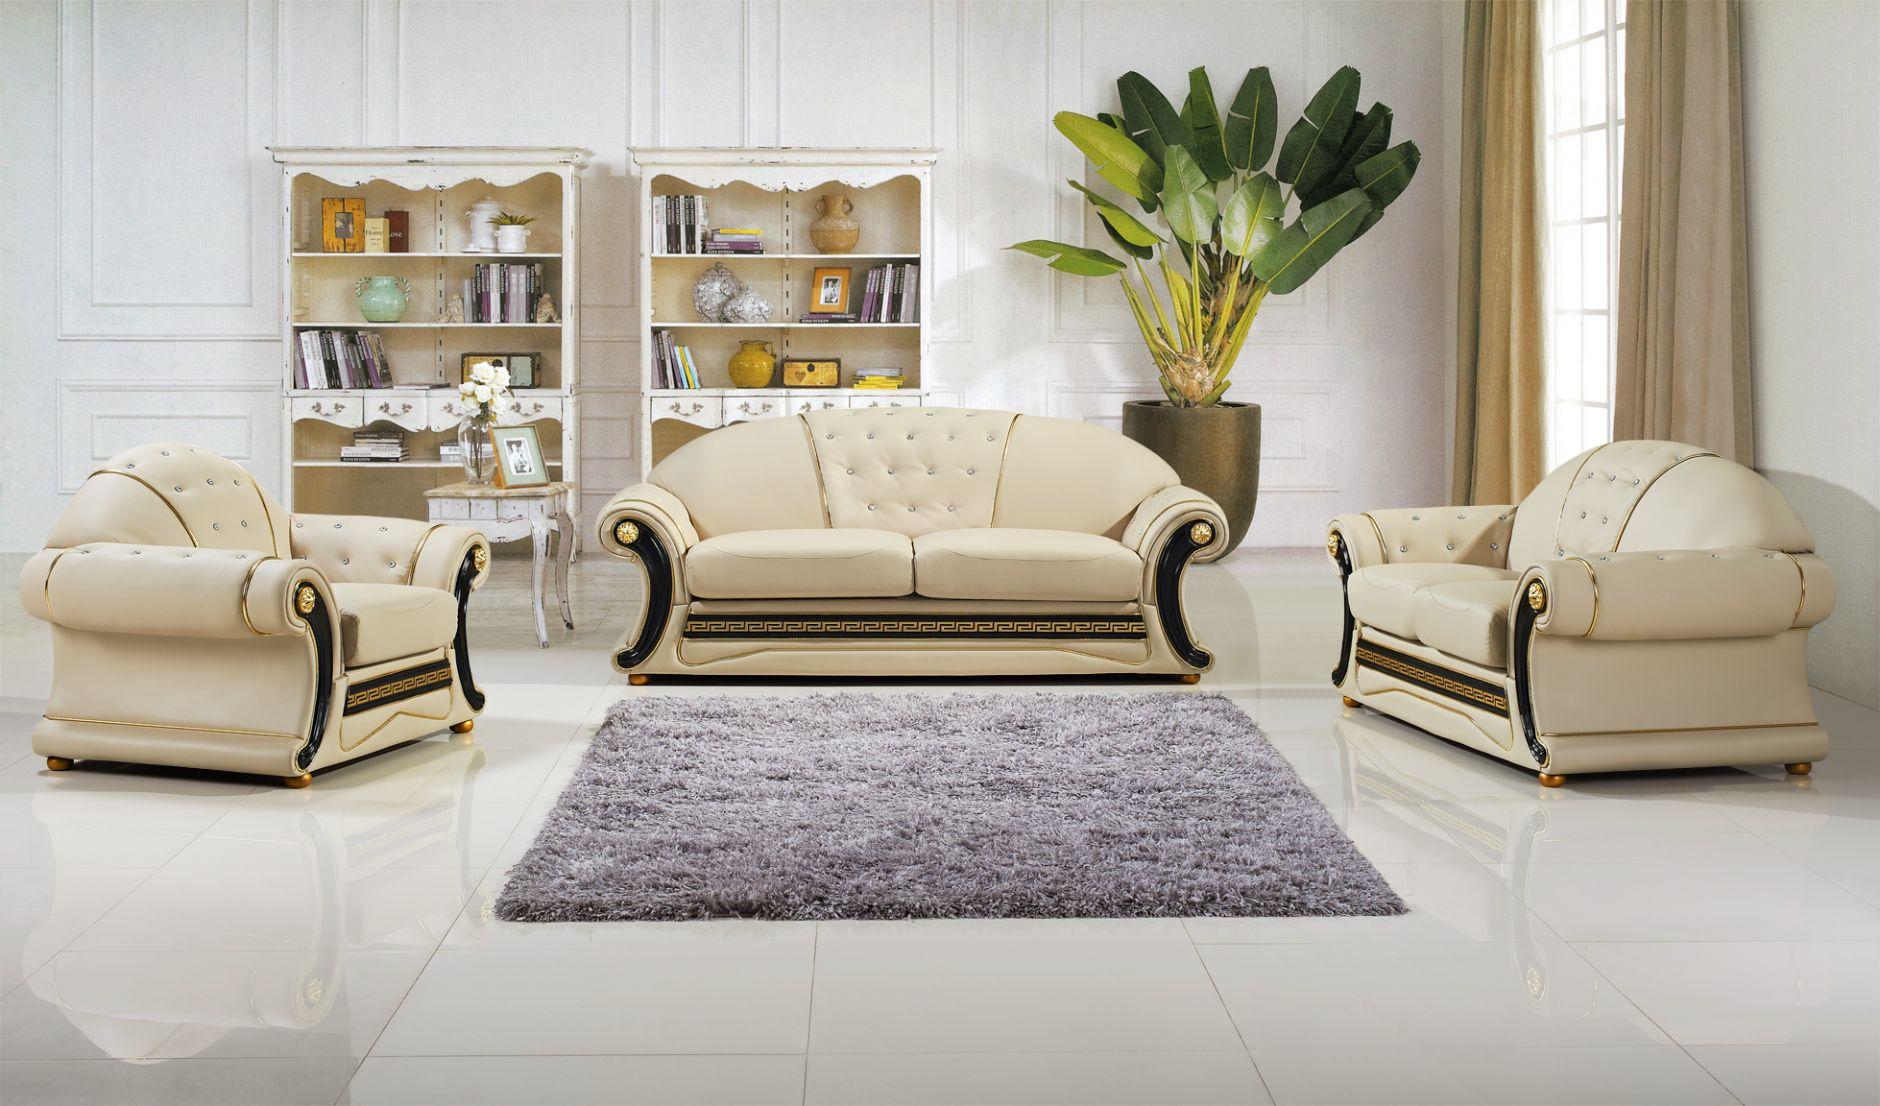 Polstermöbel - Polstermöbel Modell 6020Die Möbel aus Italien